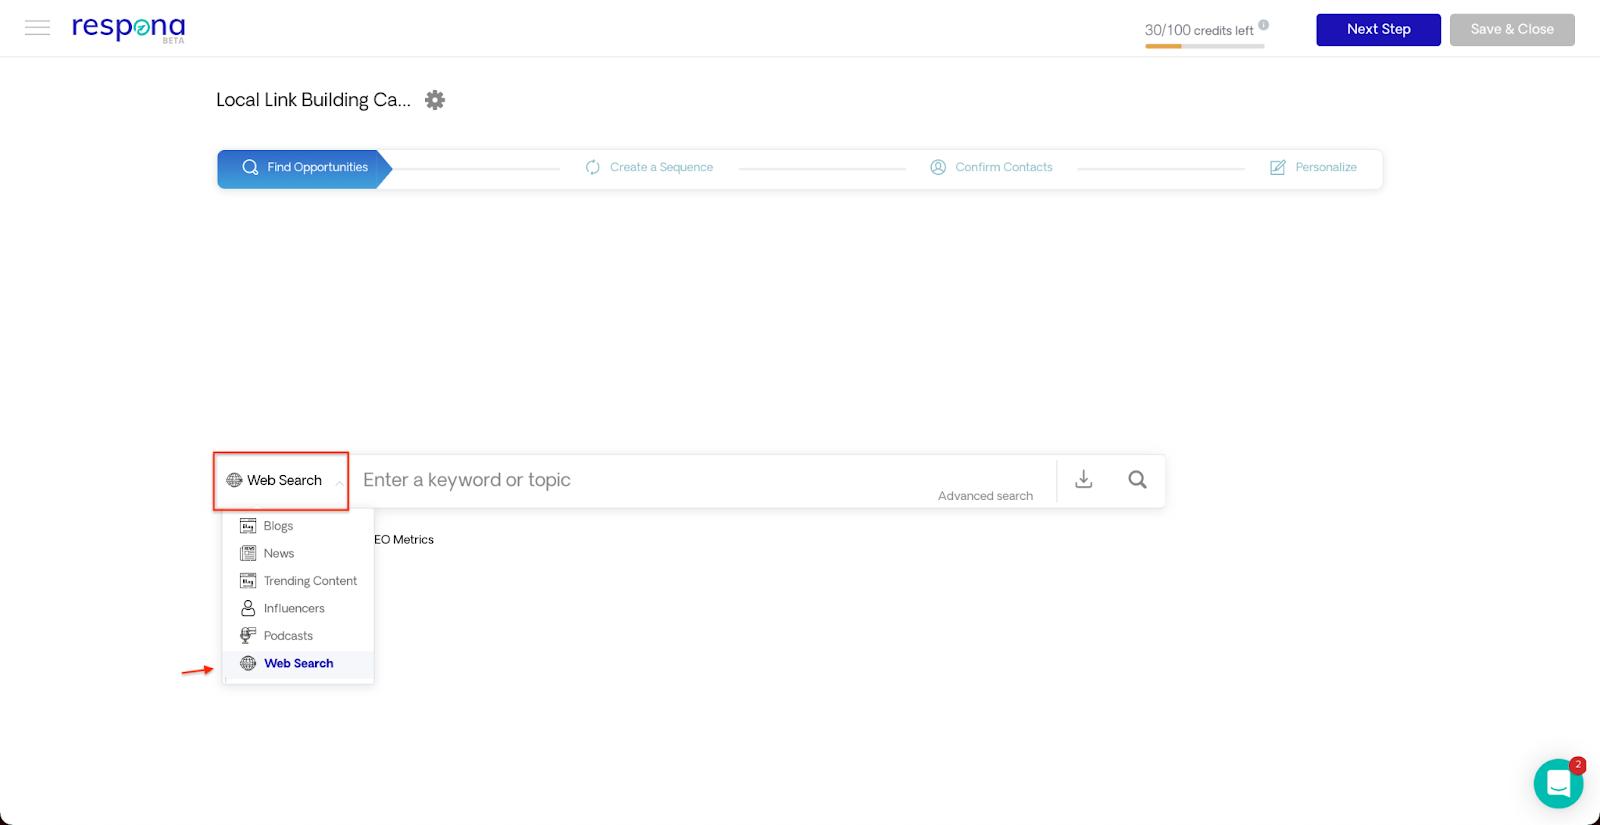 Respona Web Search source